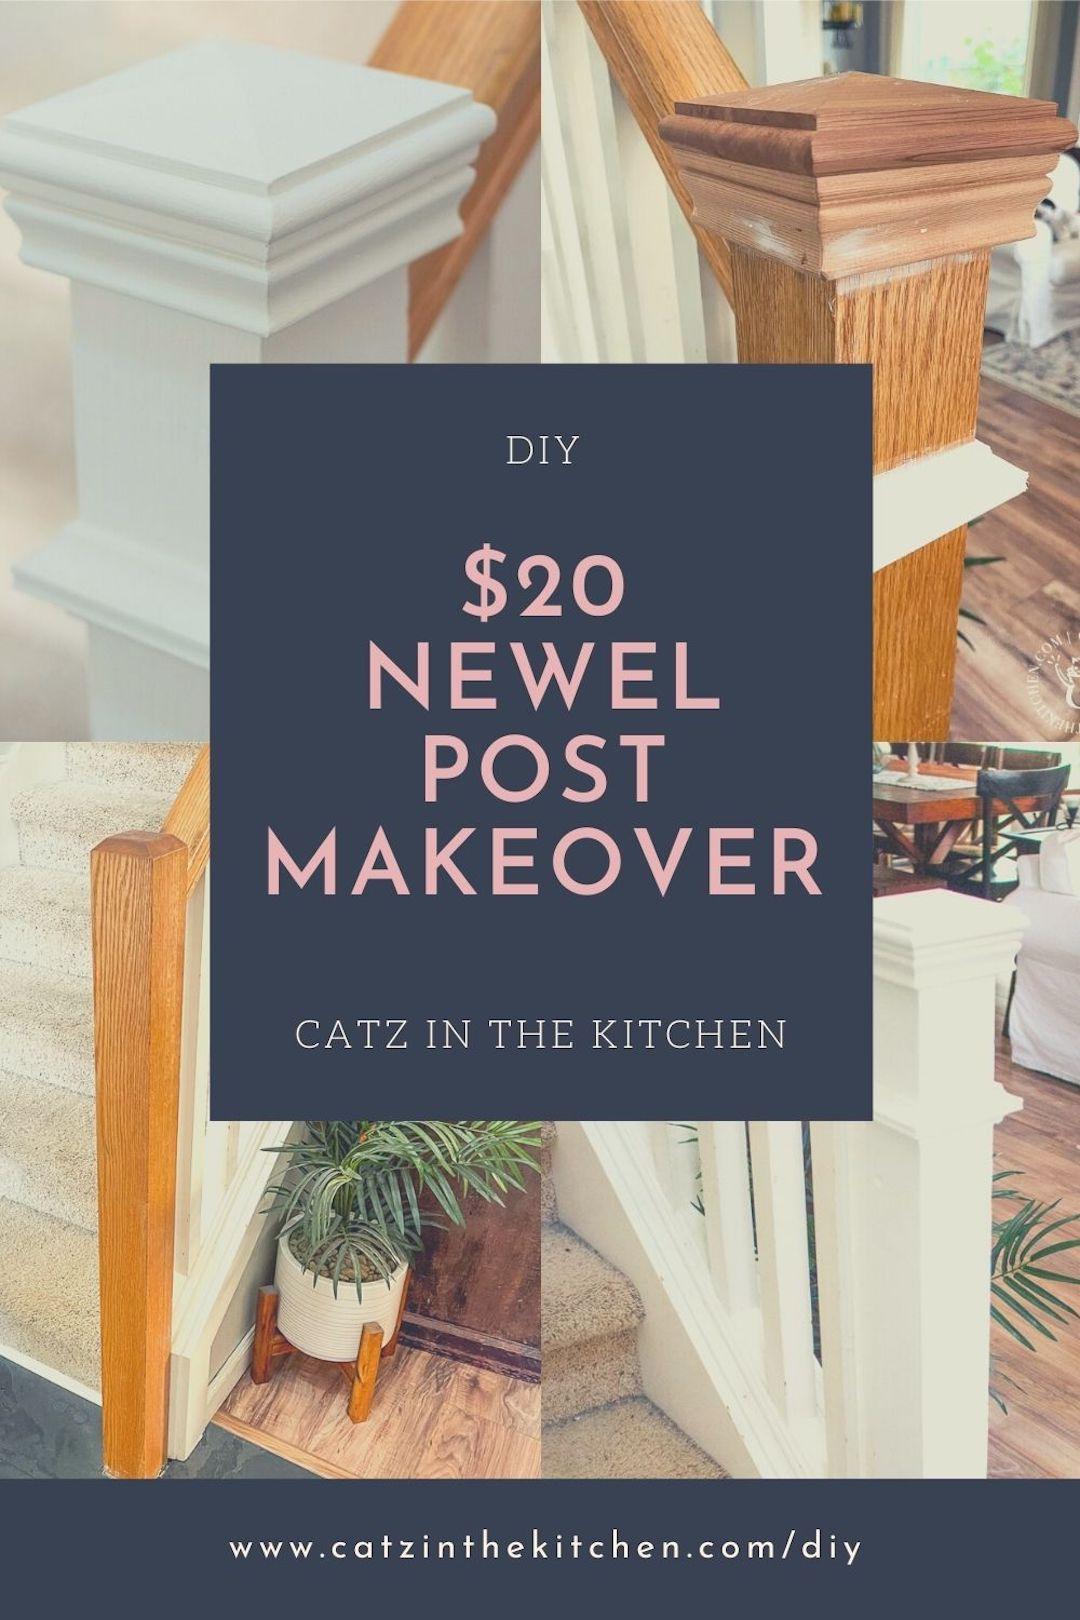 DIY $20 Newel Post Makeover